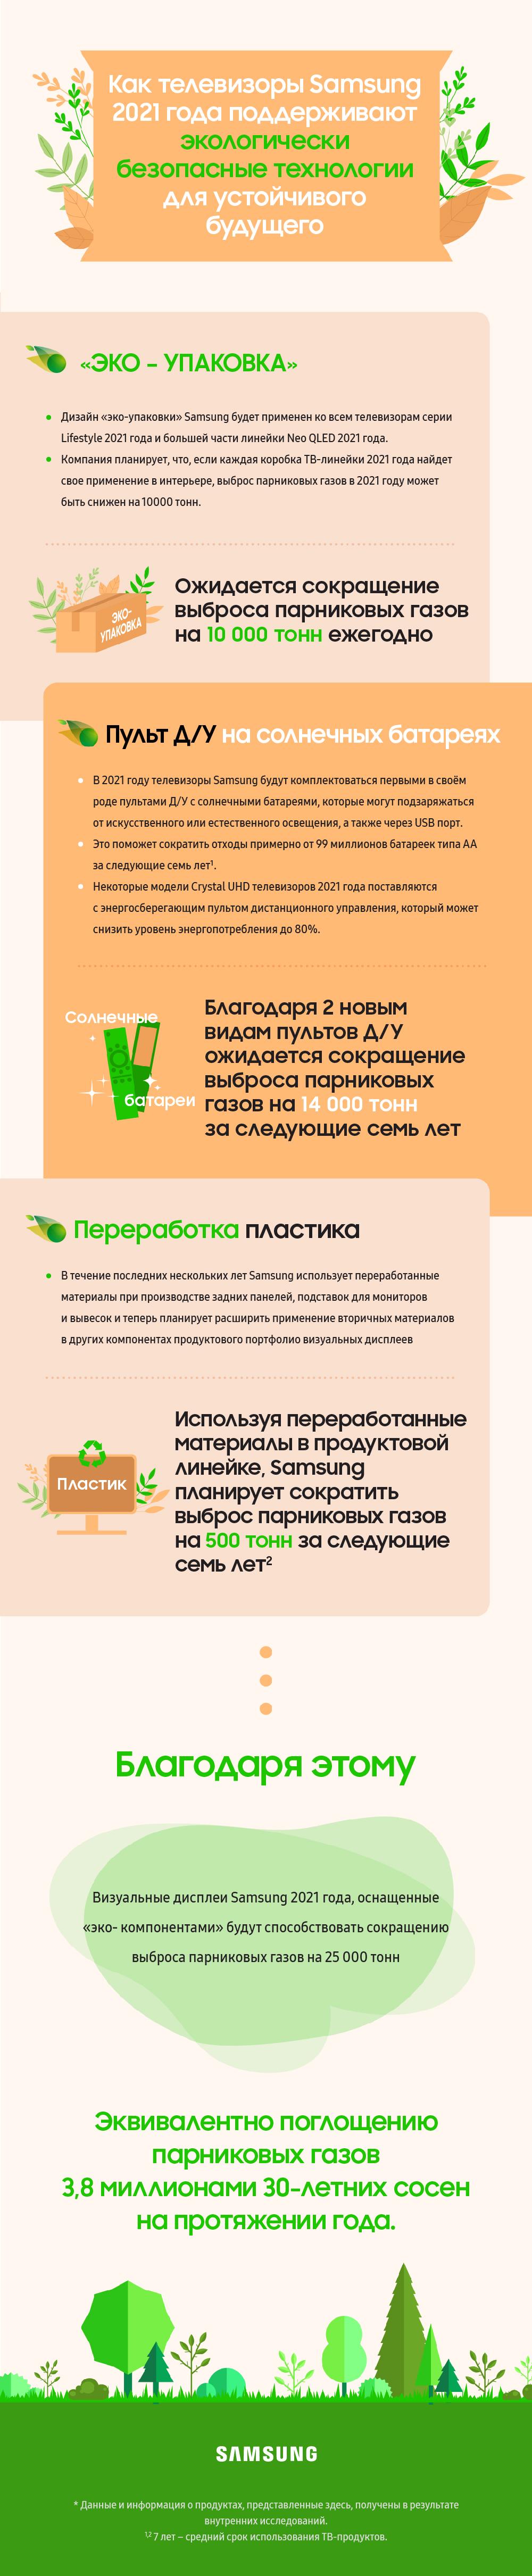 [Инфографика] Как телевизоры Samsung 2021 года поддерживают экологически безопасные технологии для устойчивого будущего